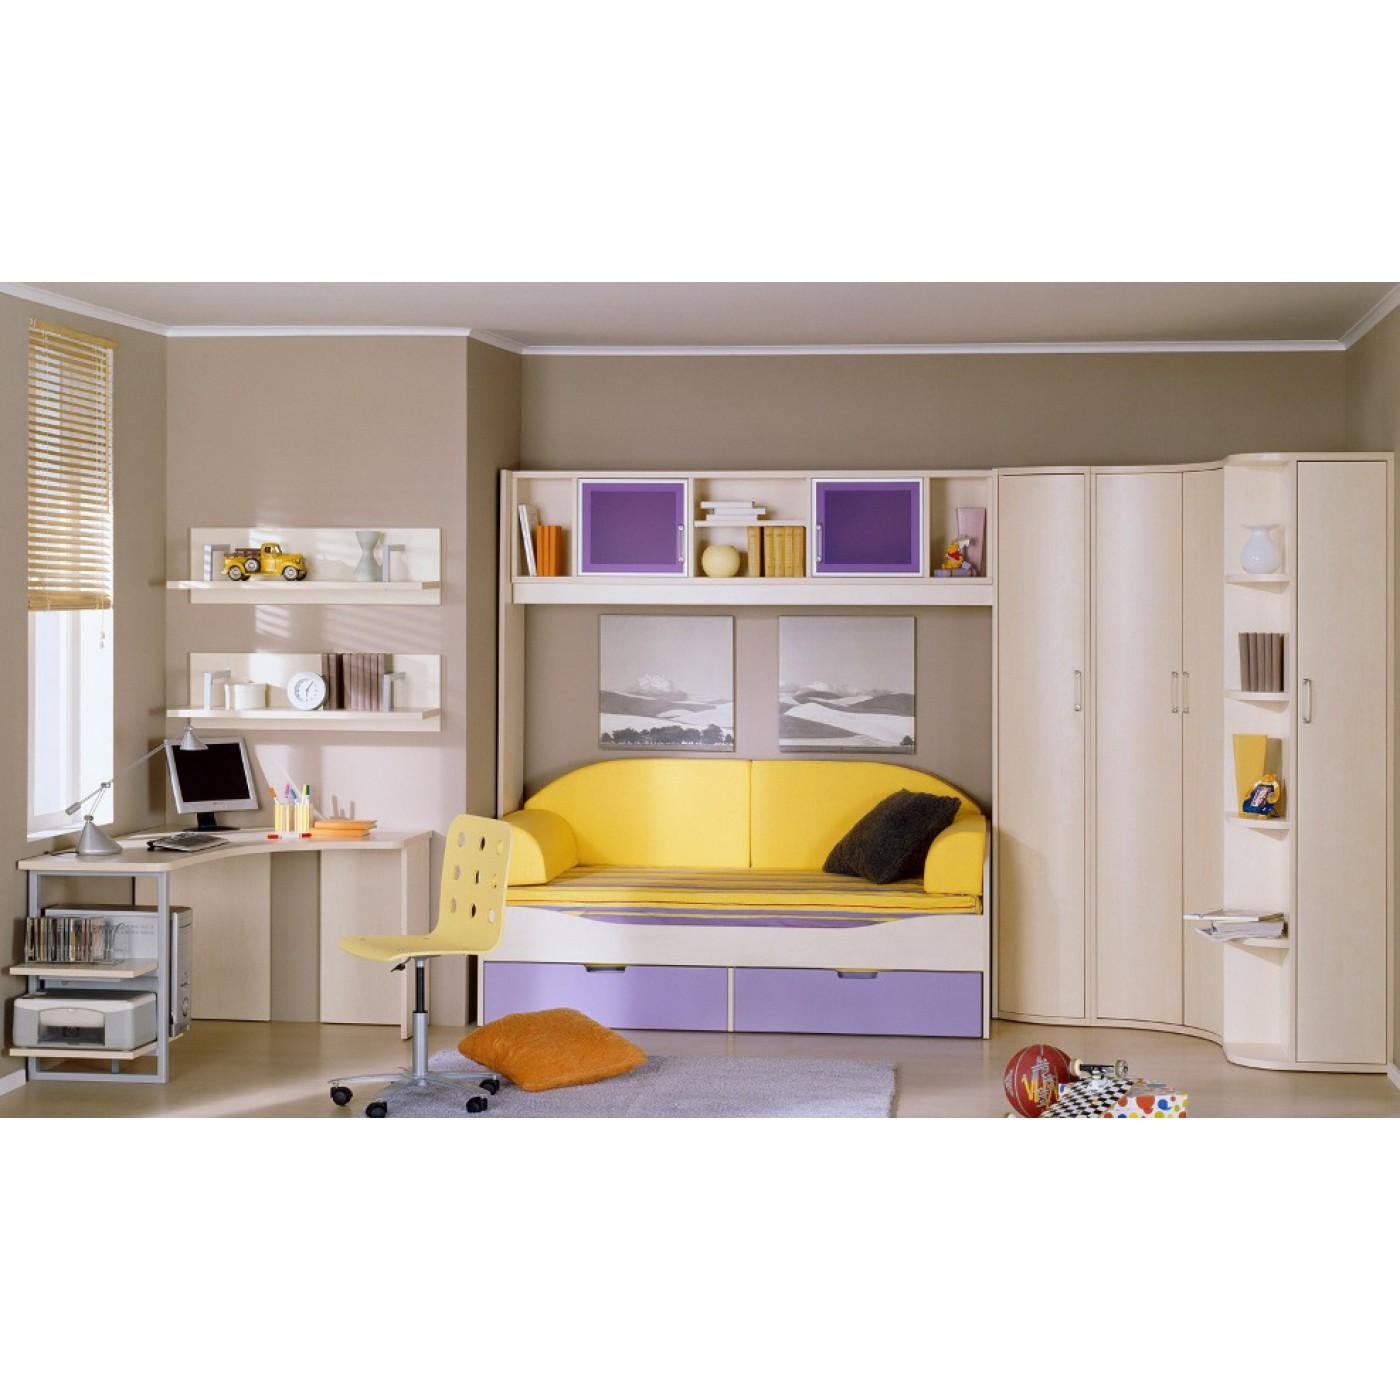 МИЛЕНА, Мебель для детских комнат, DEDAL